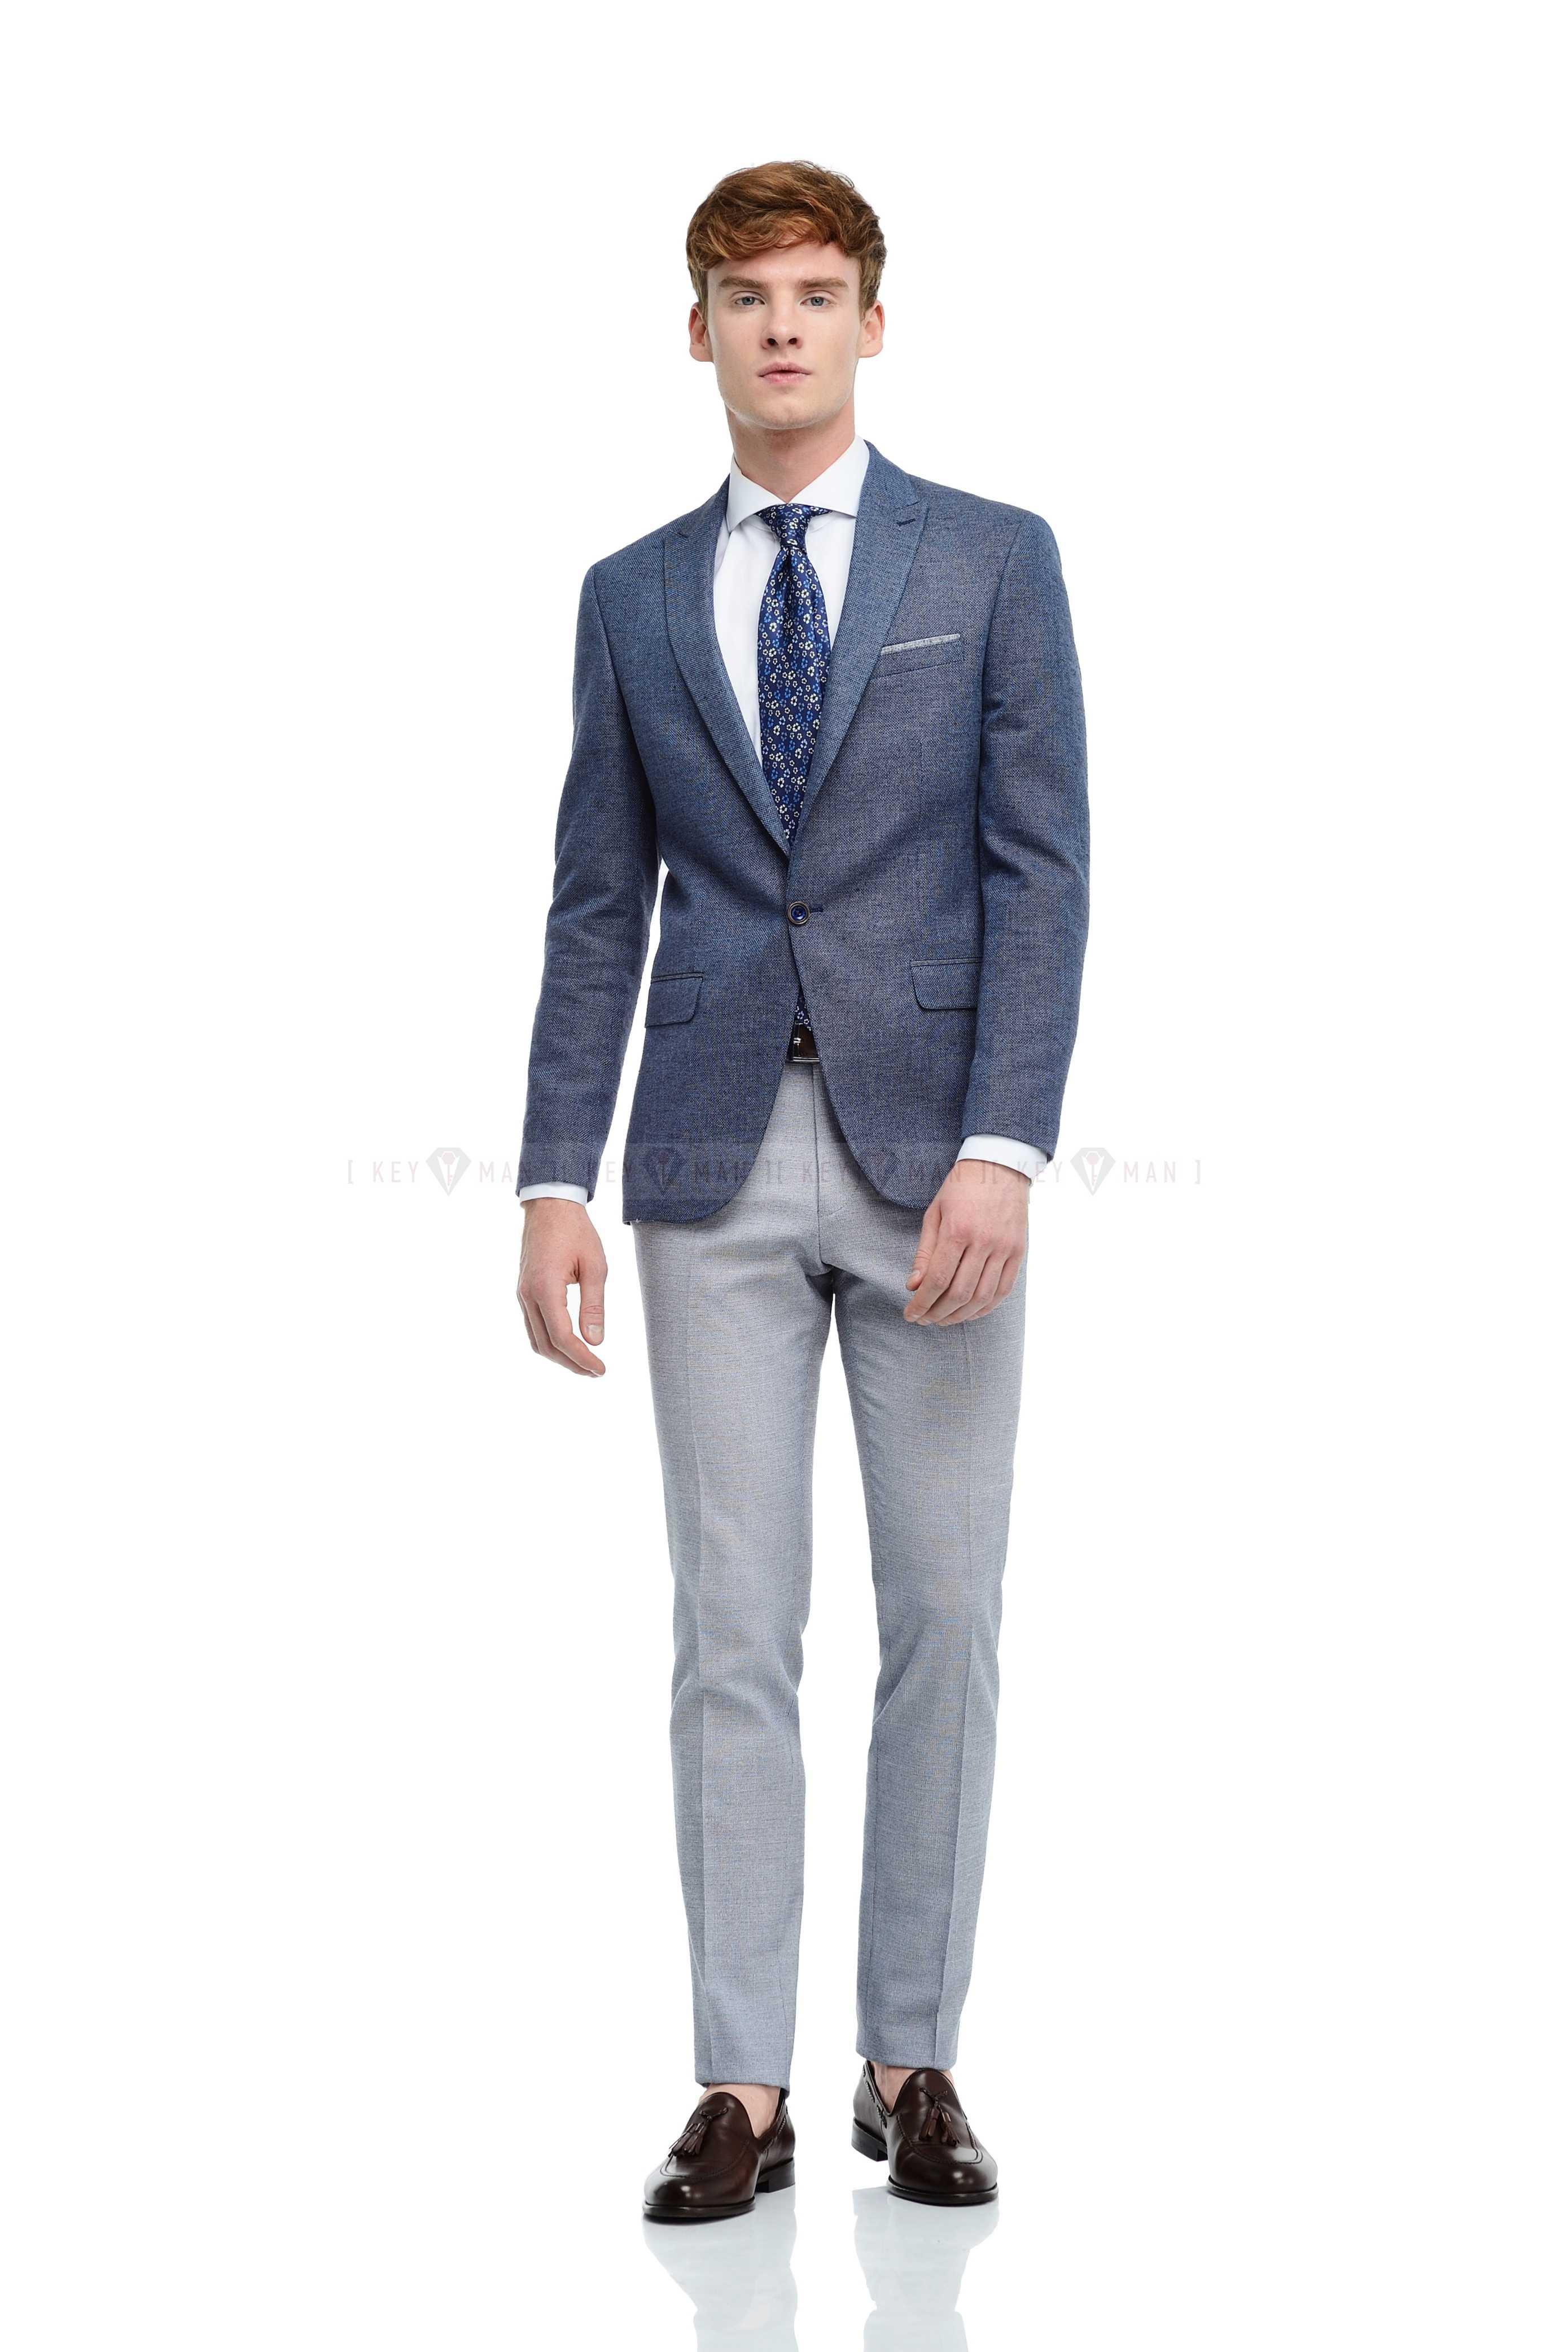 Пиджак мужской сине-серый льняной, итальянский лацкан